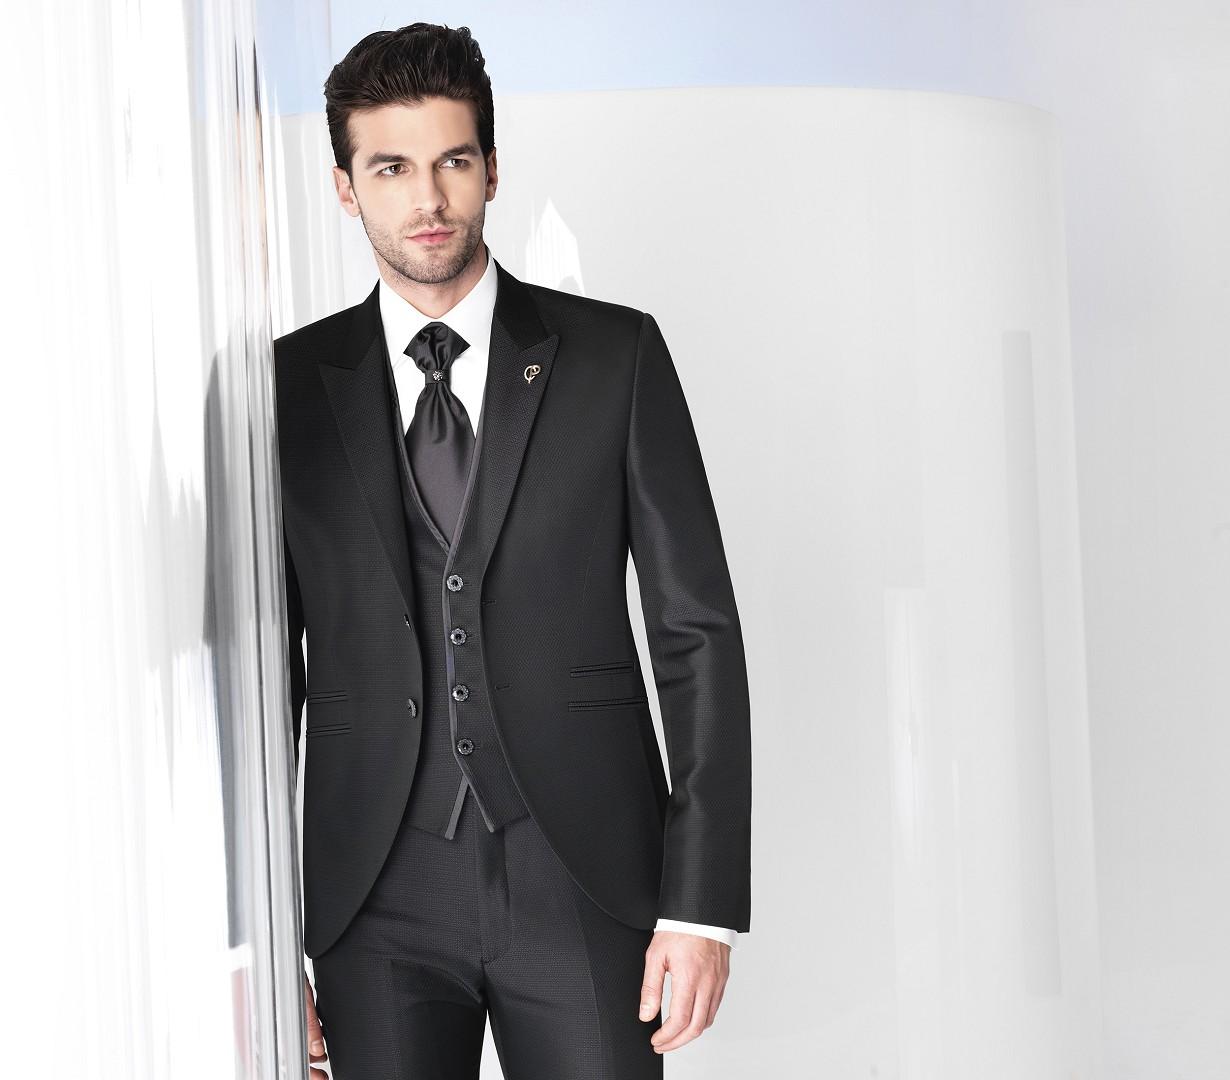 ad8716ccd5a676 Bruno Peruselli abiti unici e originali abiti sposo delle collezioni ...